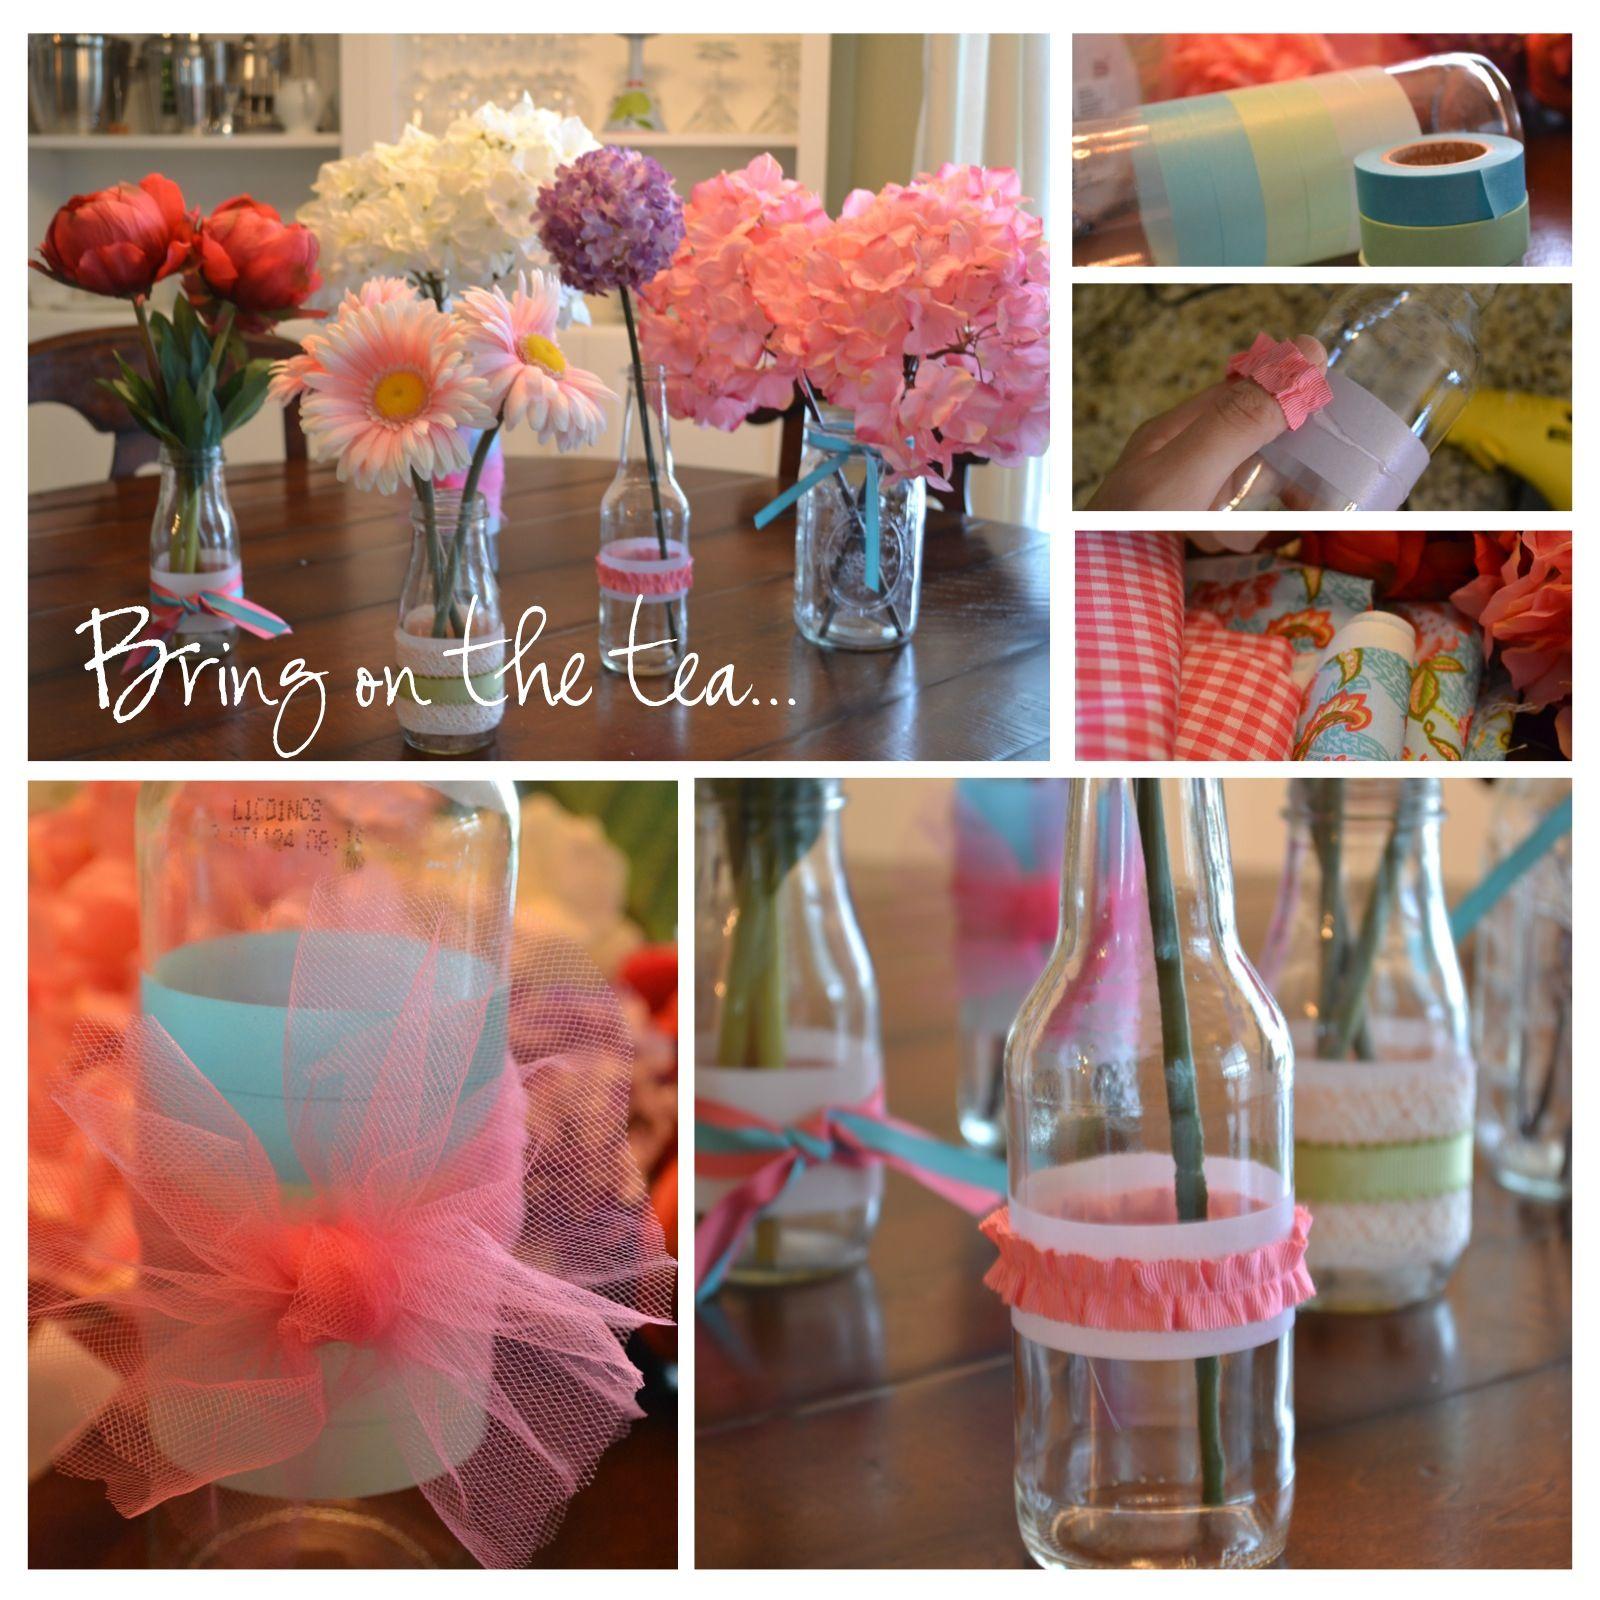 Party Decorations Centerpieces | princess tea party | budget party ideas |  DiY flower centerpieces